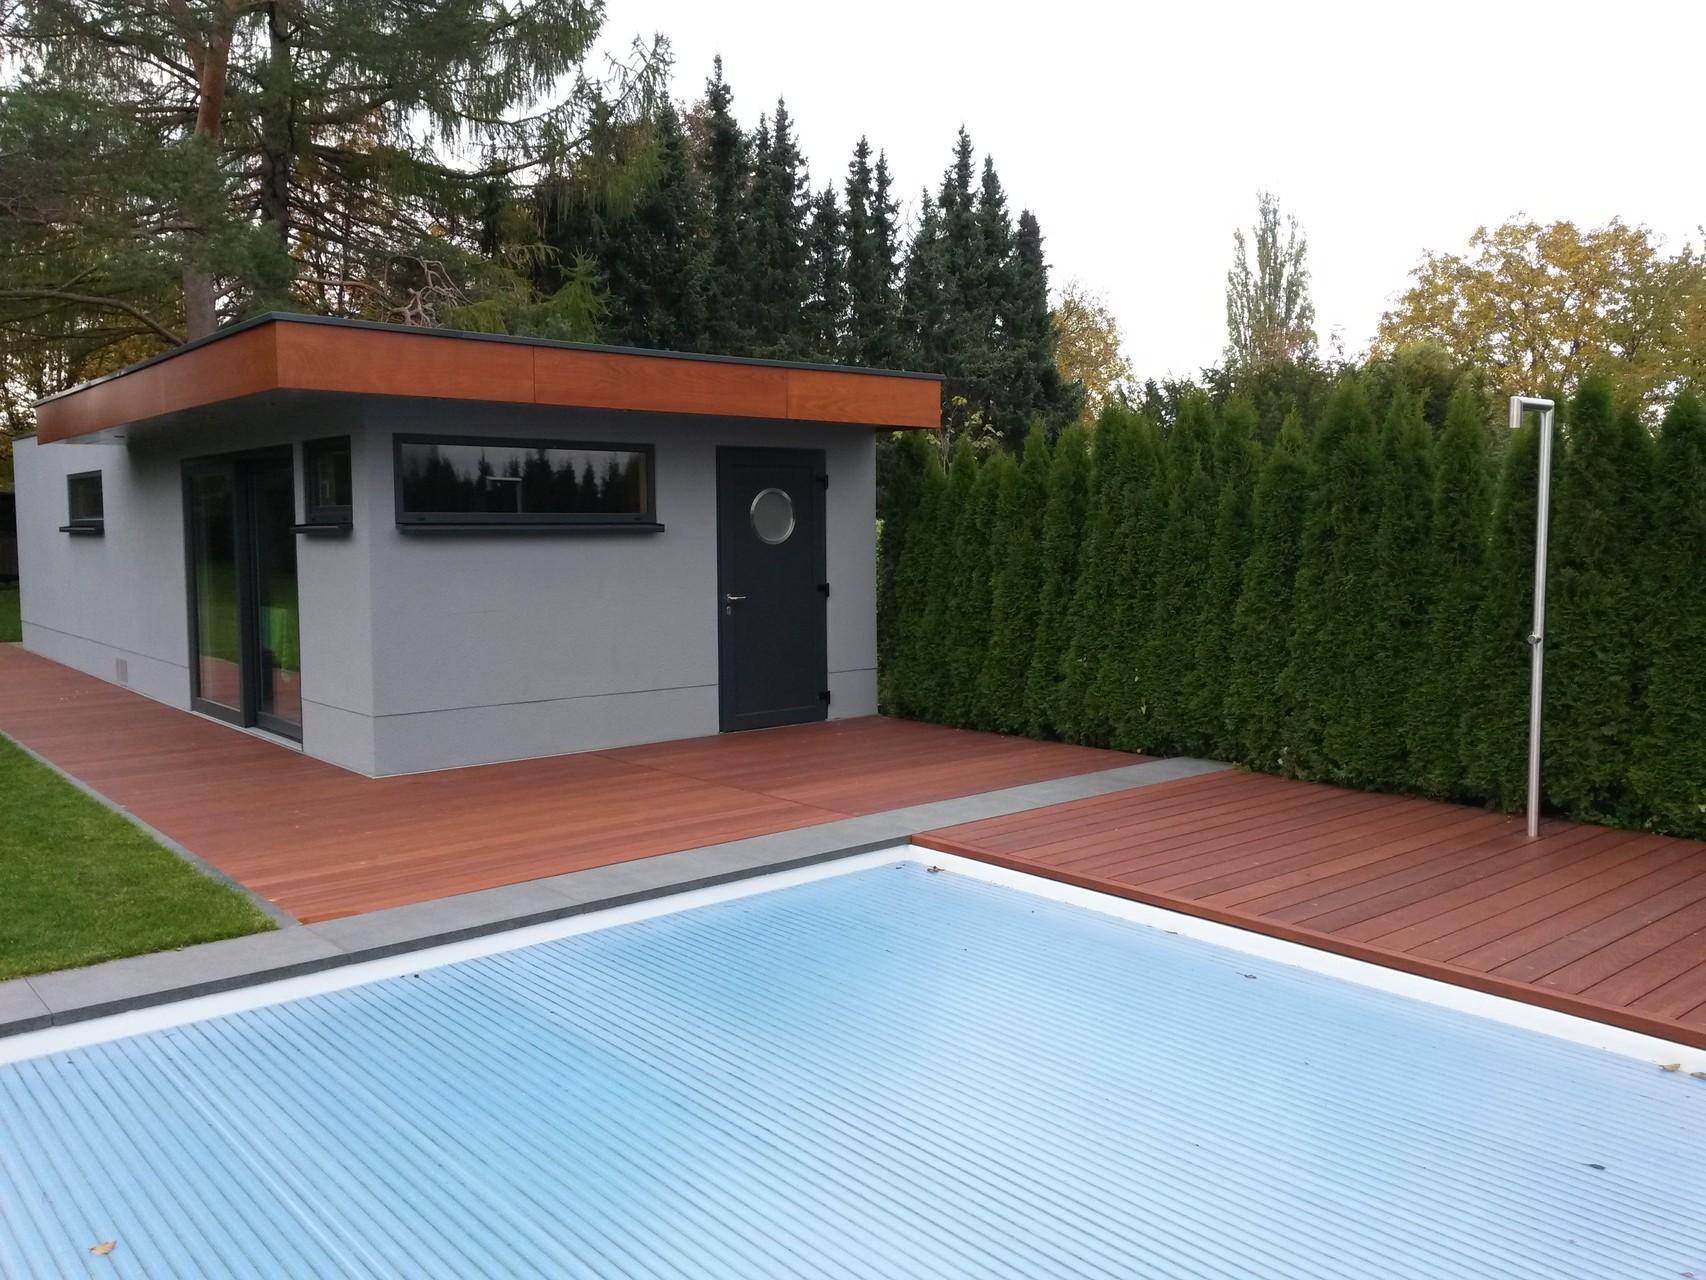 Sanierung eines Poolbereichs mit Echtholzdielen 10Jahre Garantie, Attika bekommt die selbe Holzausführung - Mario Bogisch Bausysteme